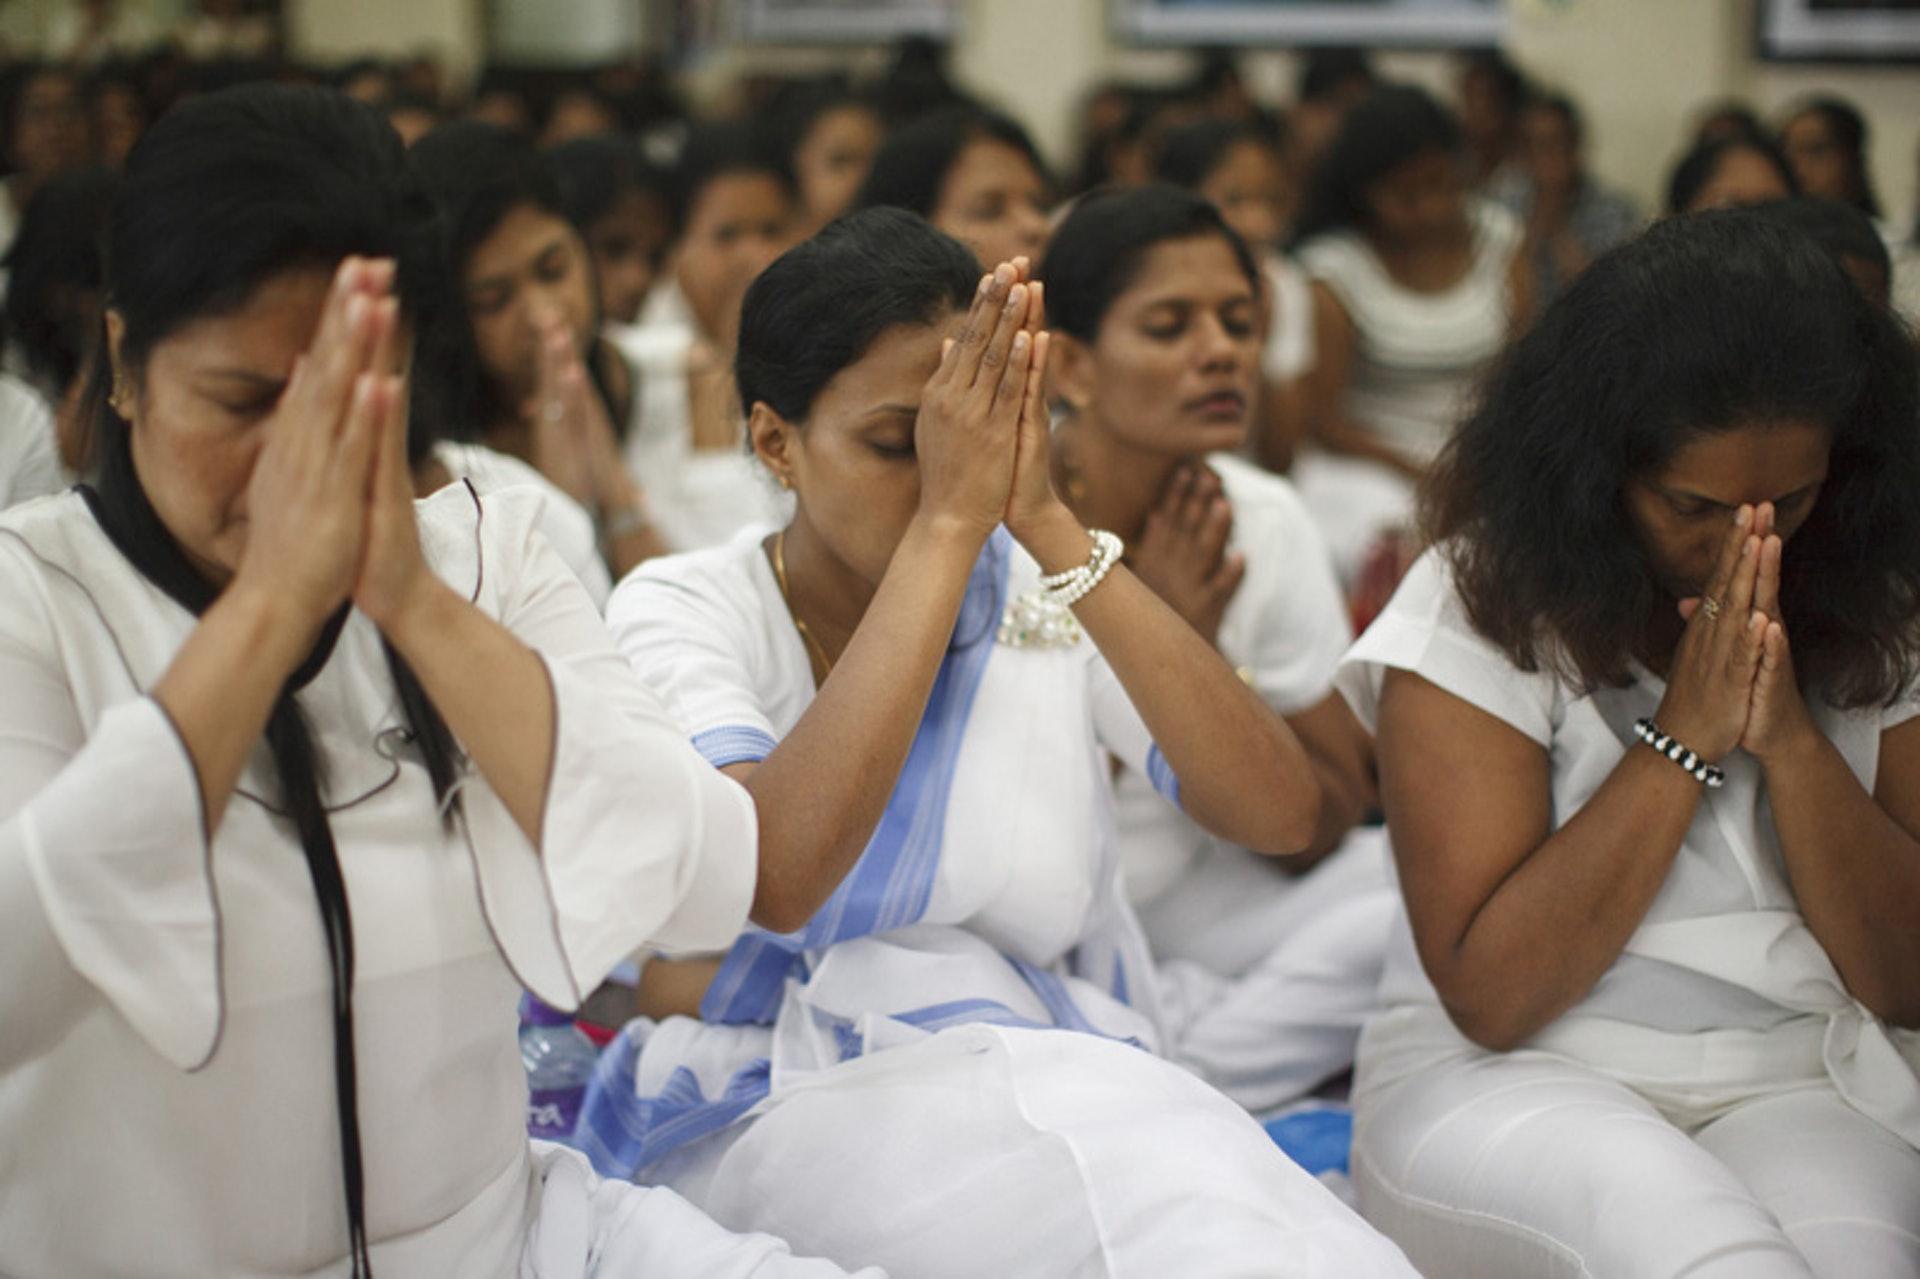 衛塞節南傳佛教斯里蘭卡信眾禱告(攝影師KevinLee李安民提供圖片,版權所有不得轉載)